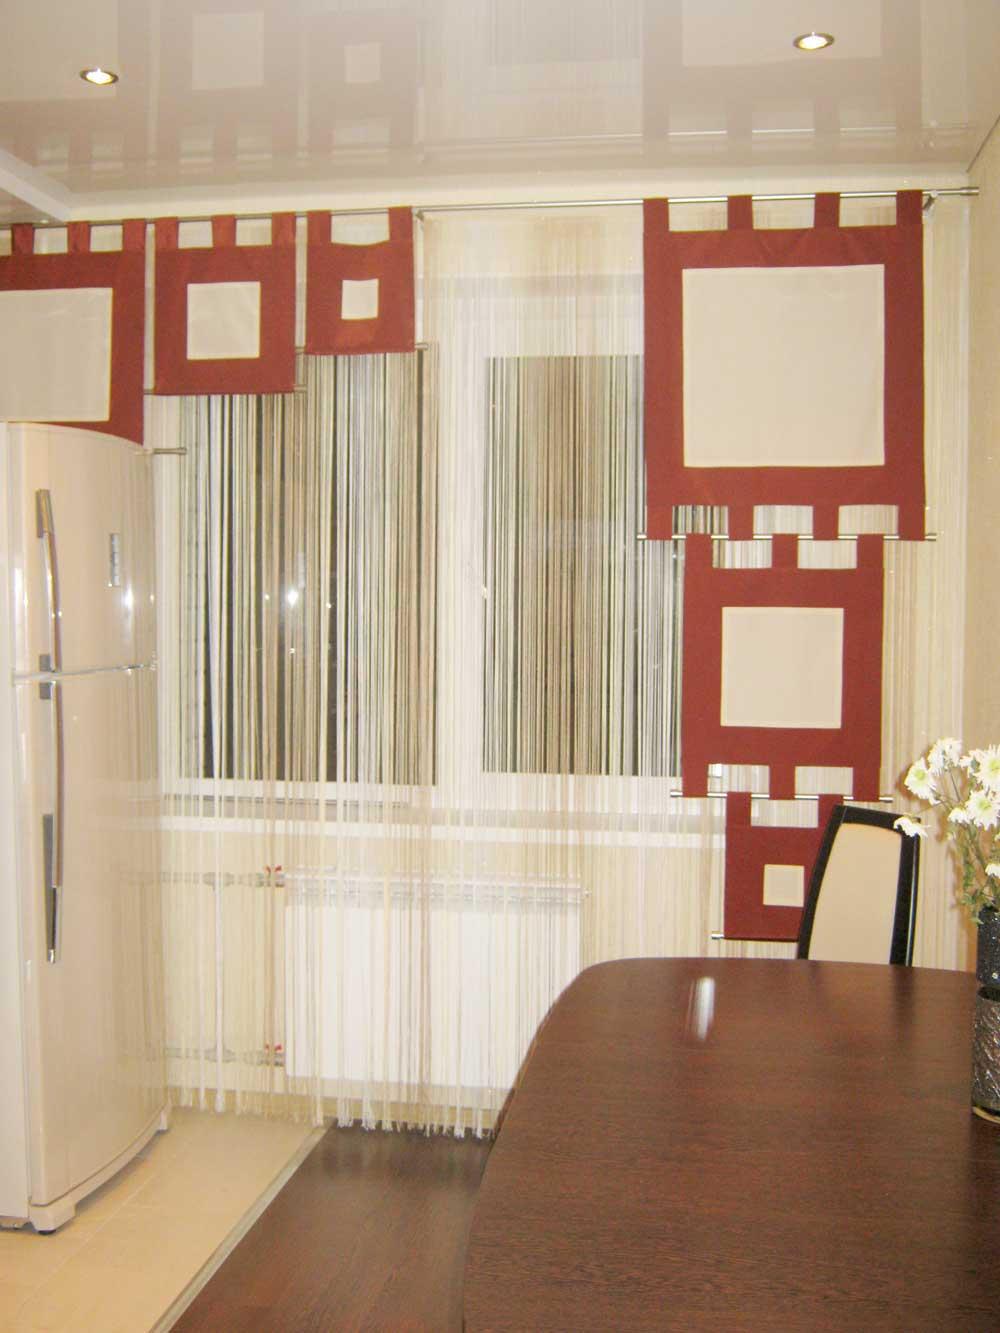 Белые нитяные шторы и декоративные панели для украшения окна